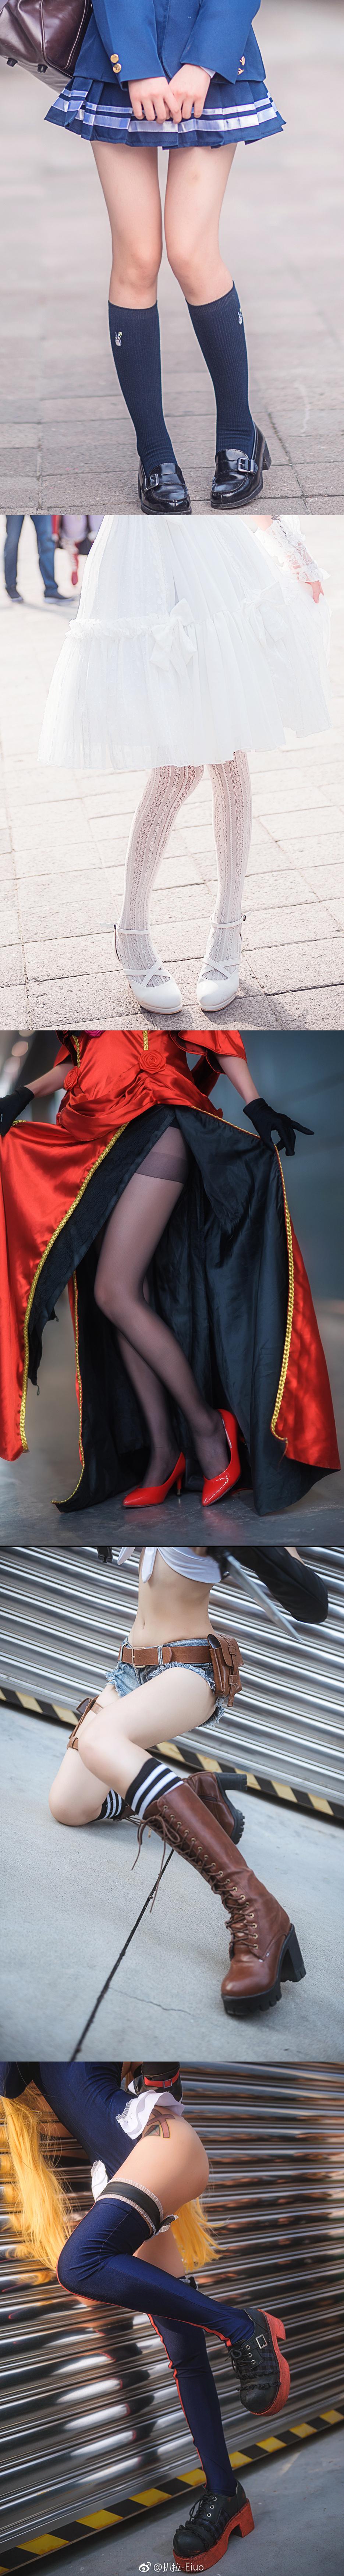 萌妹子丝袜美腿福利图片:漫展上那些诱人的小姐姐们(9P)